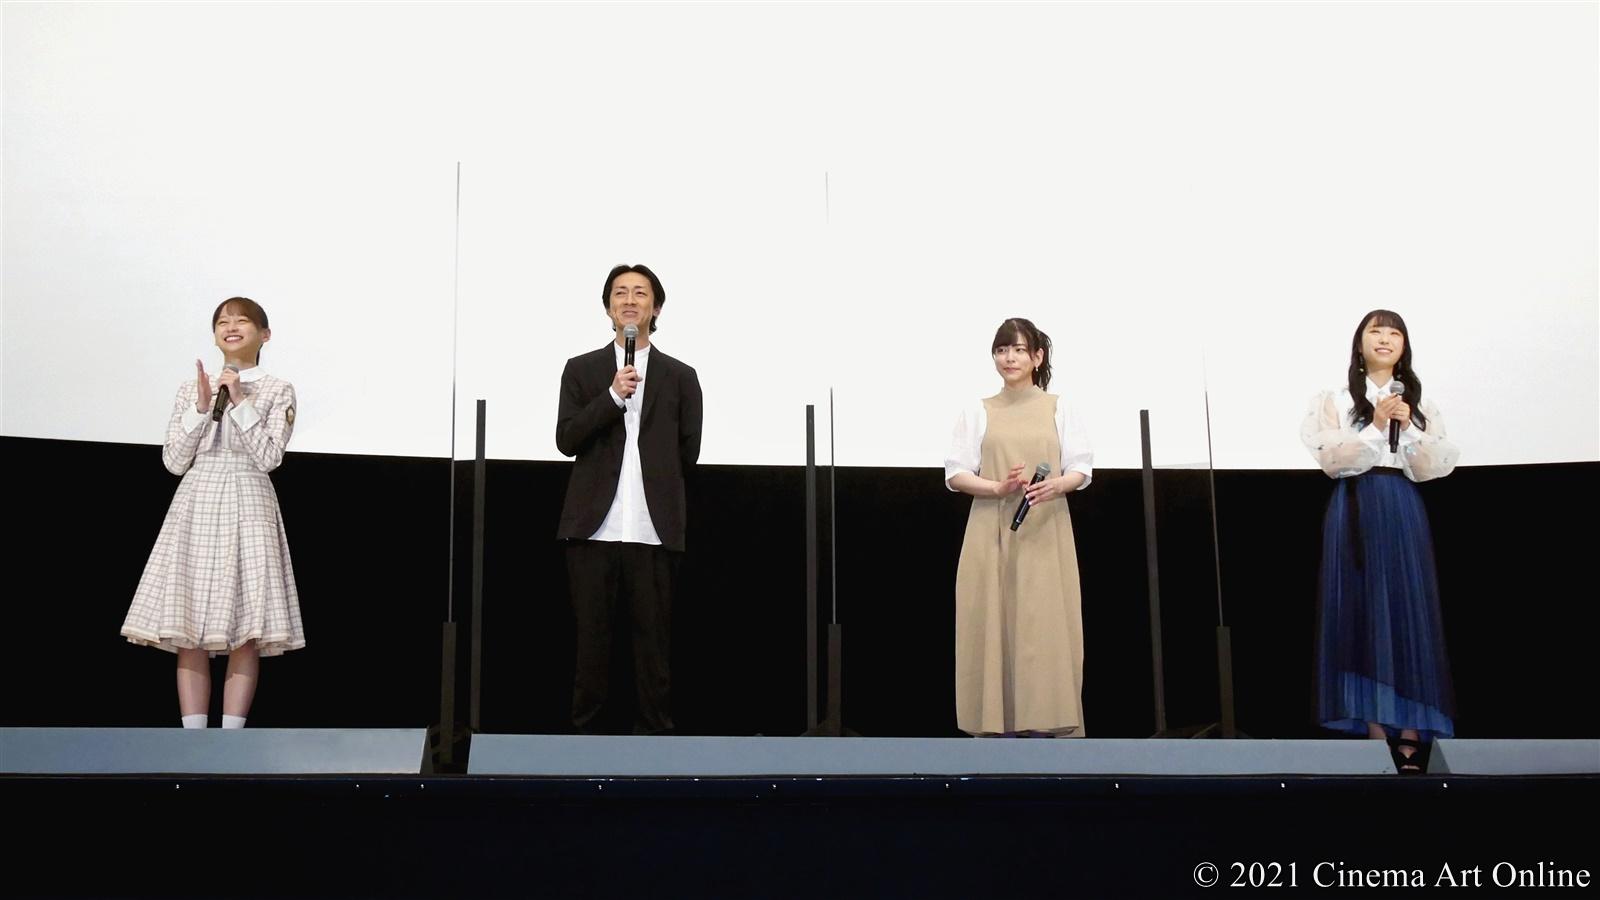 【写真】『映画 さよなら私のクラマー ファーストタッチ』完成記念イベント (島袋美由利、小林愛香、影山優佳、矢部浩之)